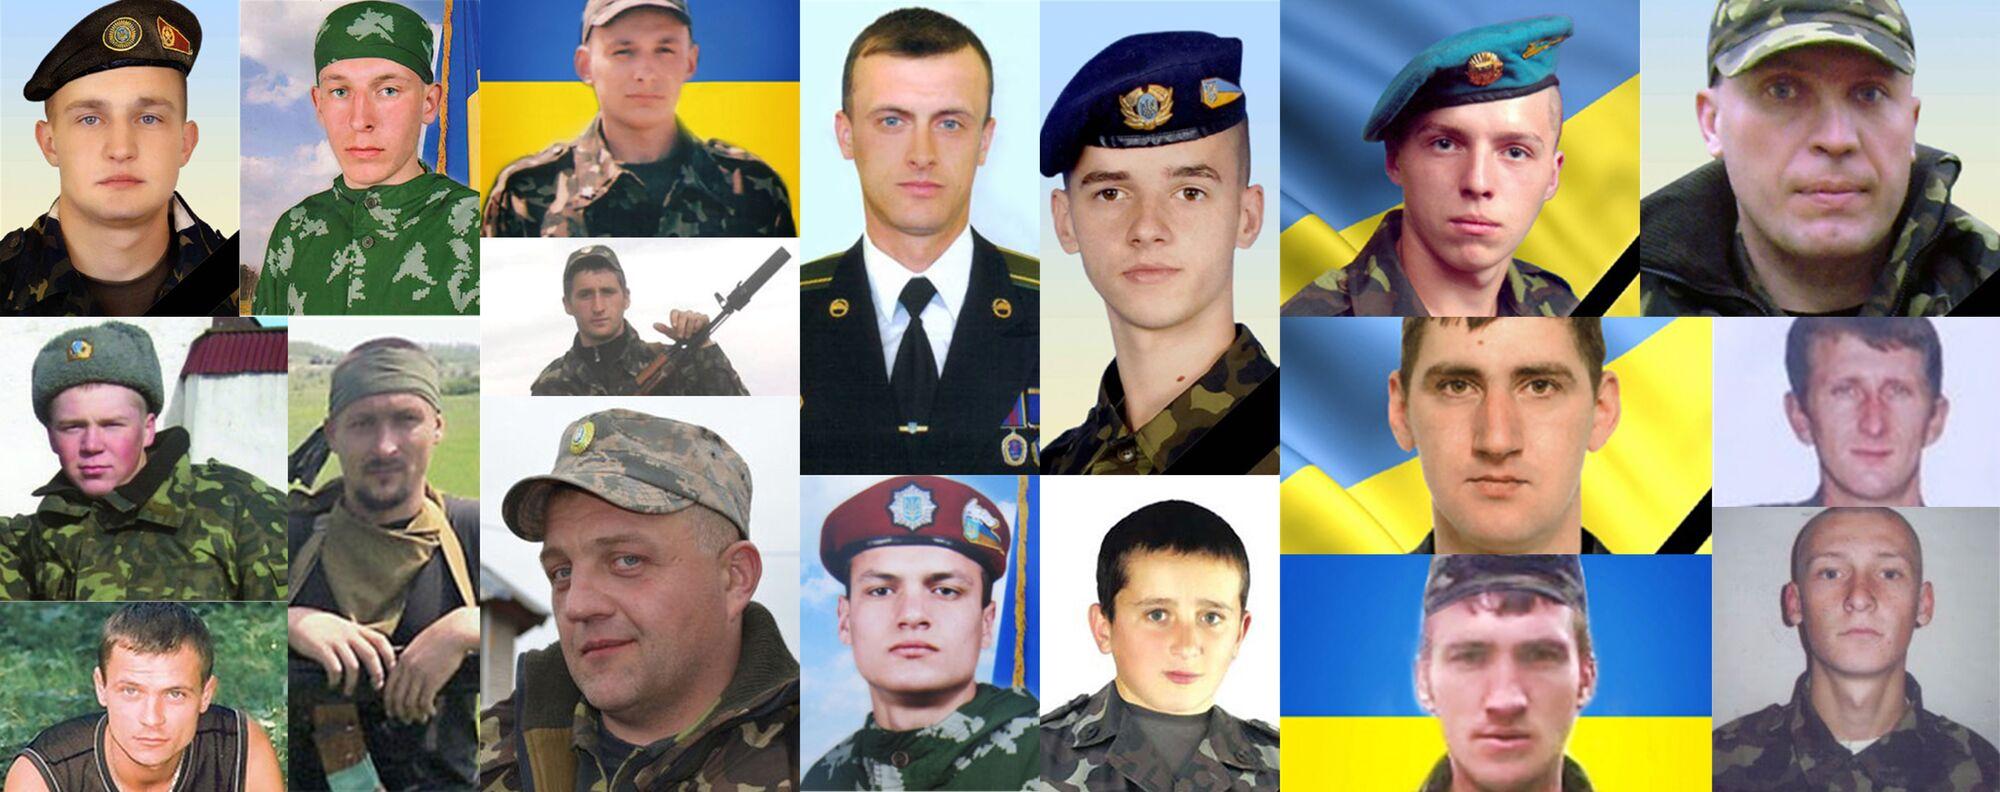 Потери после нападения на 10 блокпост под Волновахой были на тот момент самыми большими за всю историю независимой Украины